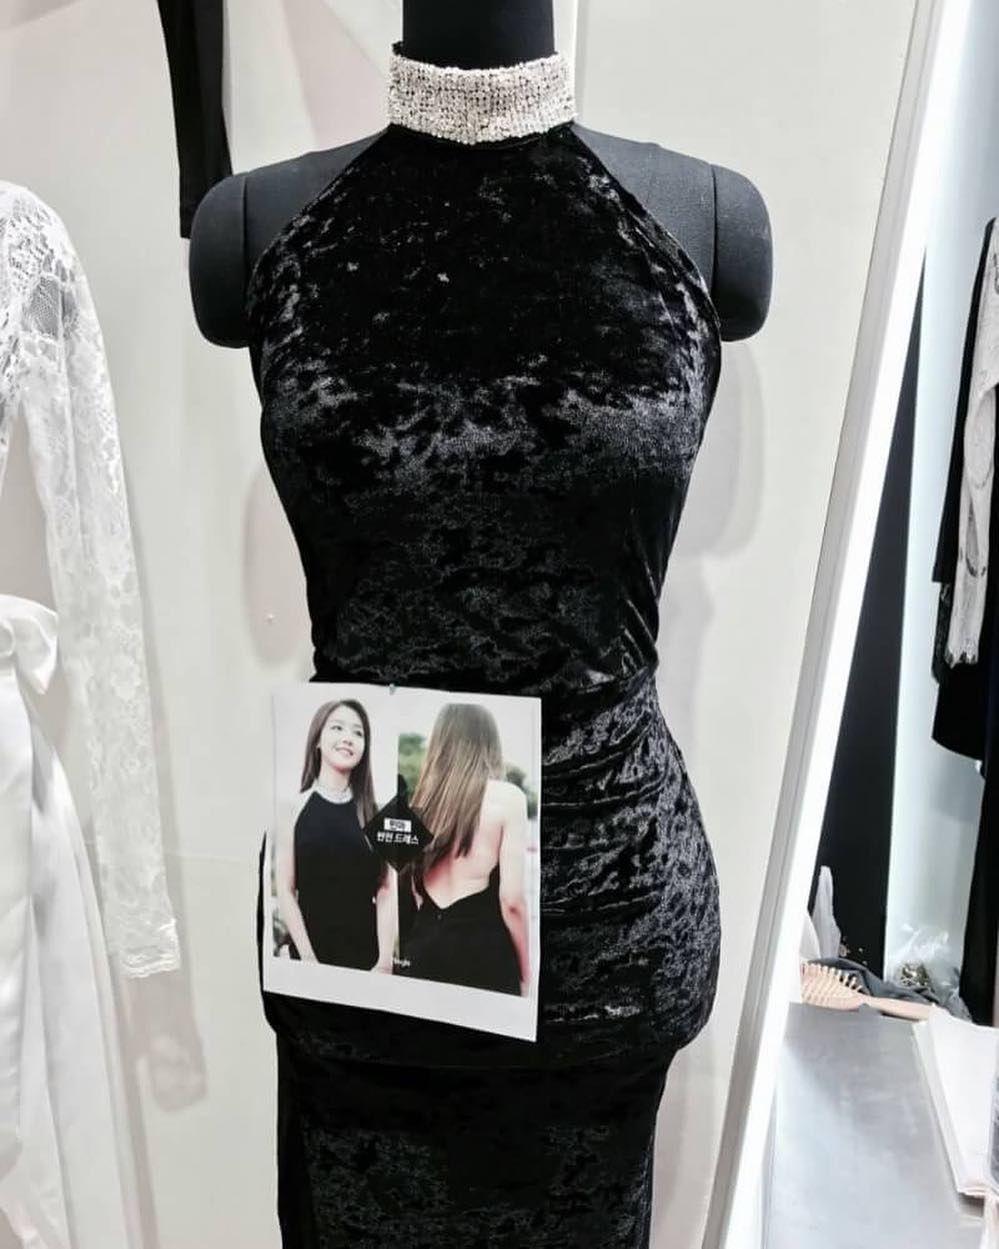 2016 12月冬最新作 http://partyhime.com http://ift.tt/1MwQVWk http://ift.tt/1KhiofC #冬 #2016最新作 #ドレス卸問屋 #販売中 #パーティードレス #ナイトドレス #結婚式 #二次会 #韓国ファッション #Winter #December  #Gangnam_Style #Korea_Fashion #Party_Dress #Wholesale